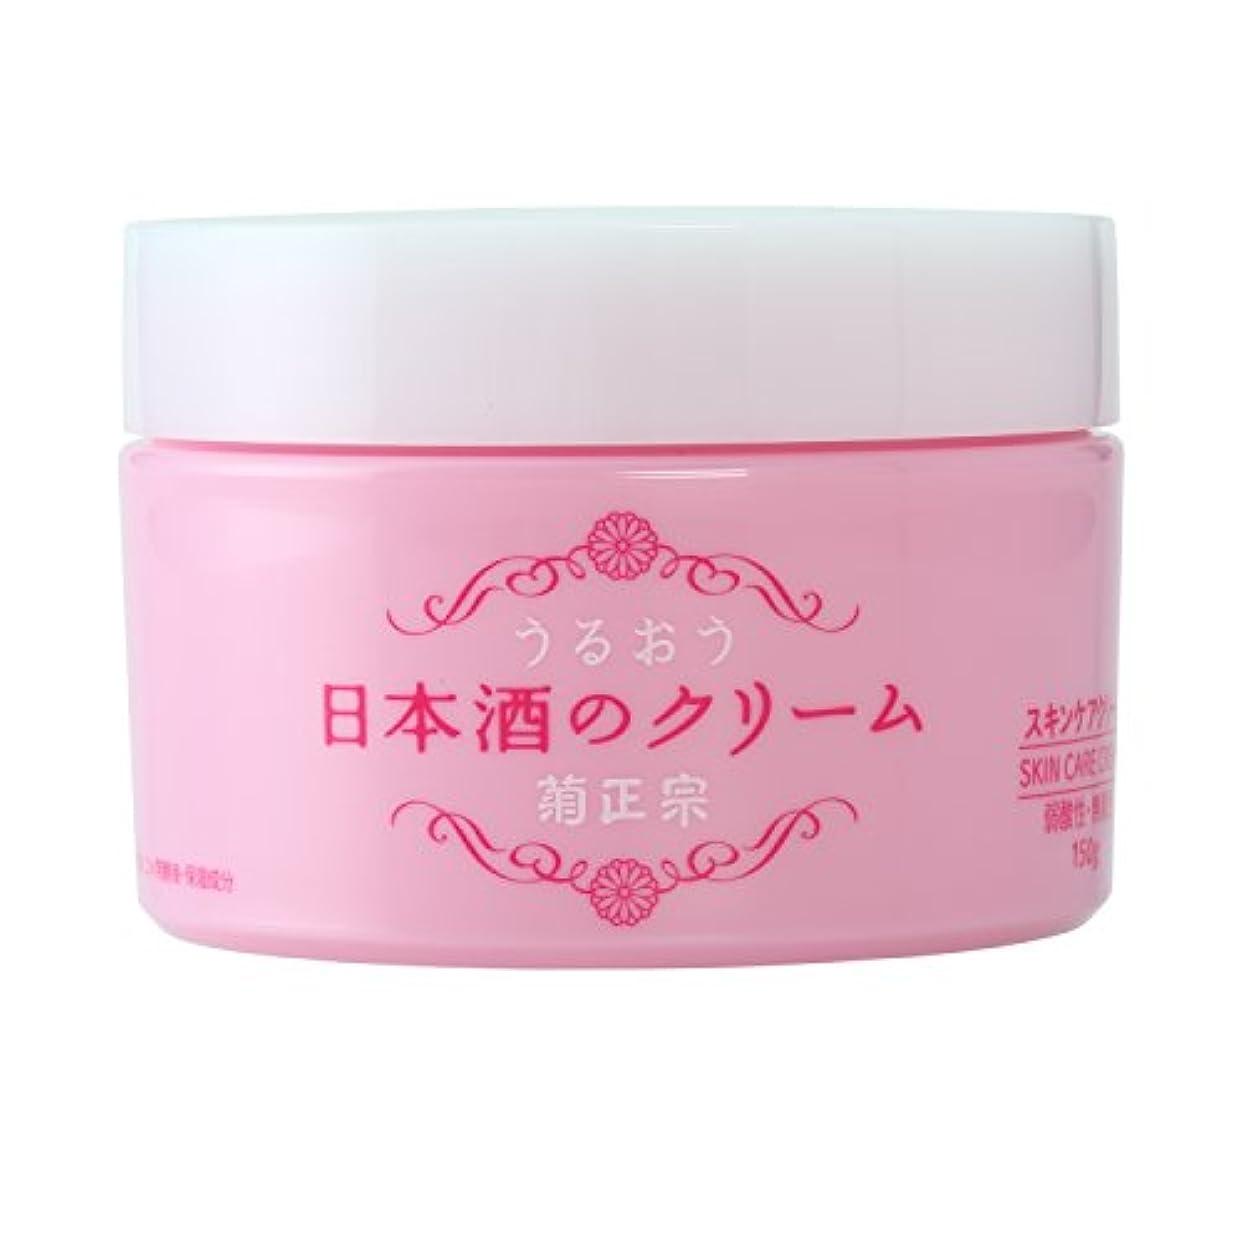 ファイター酸化物新着菊正宗 日本酒のクリーム 150g 顔 全身 保湿